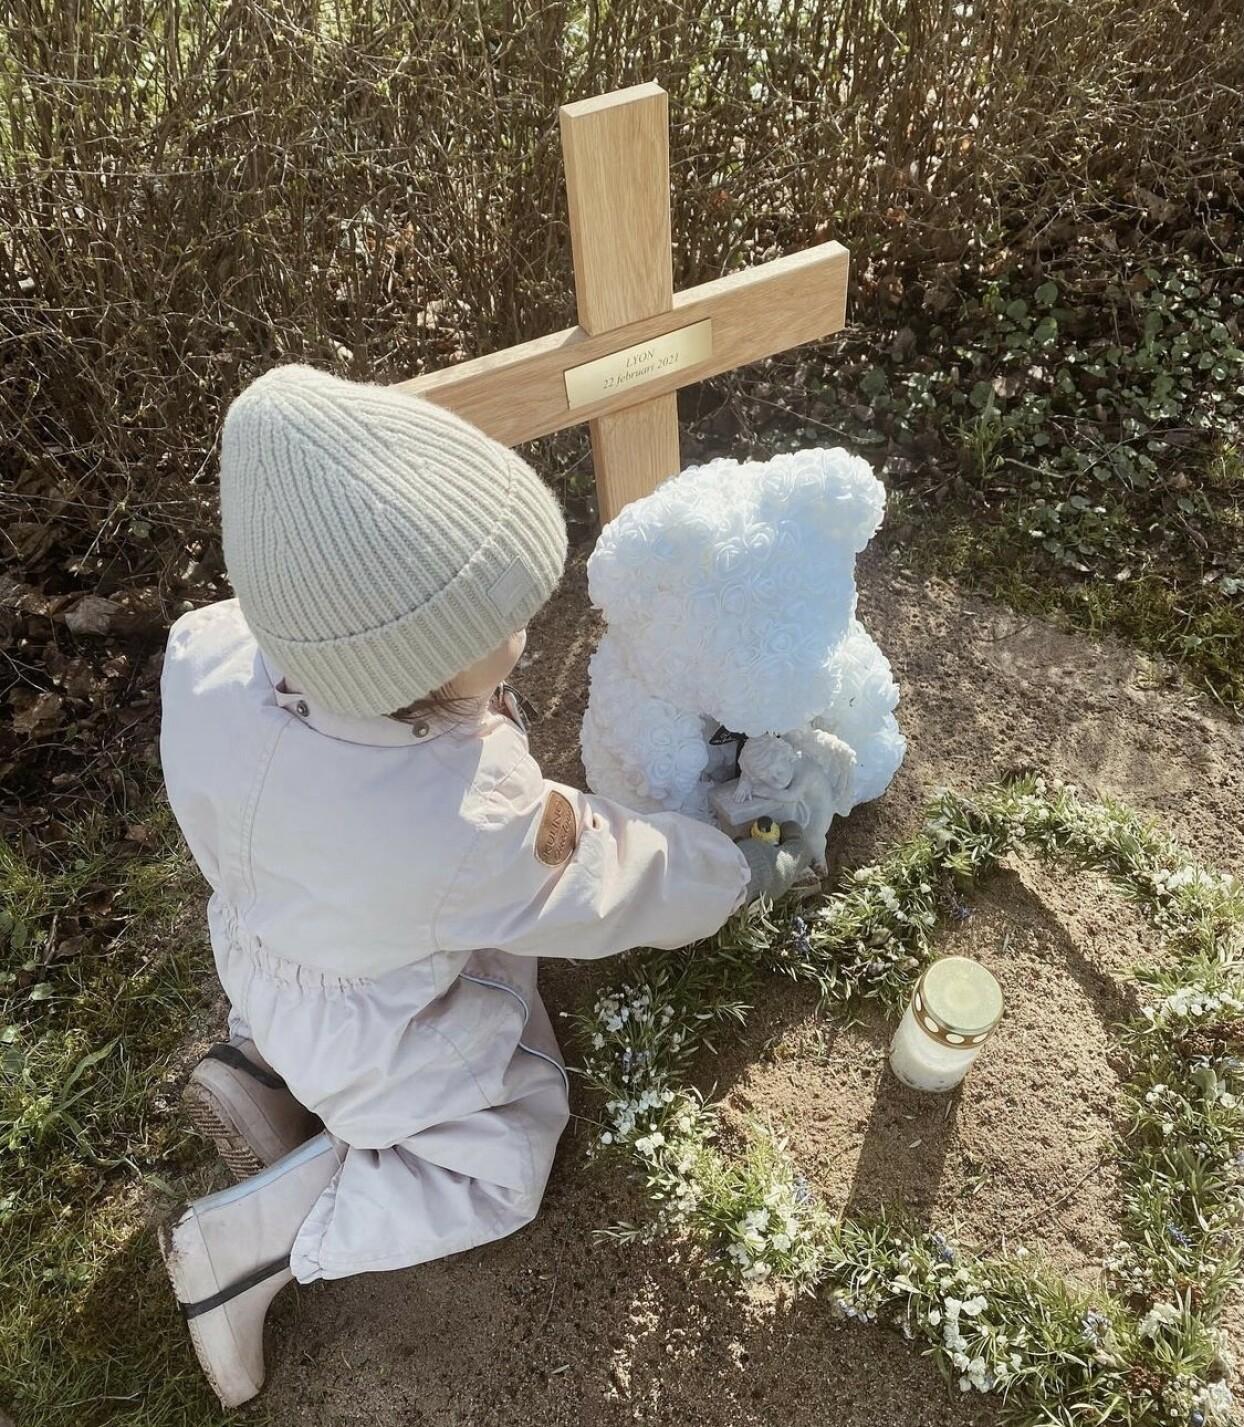 BESØKER GRAVEN: Vienna på graven til lillebror. Foto: Privat